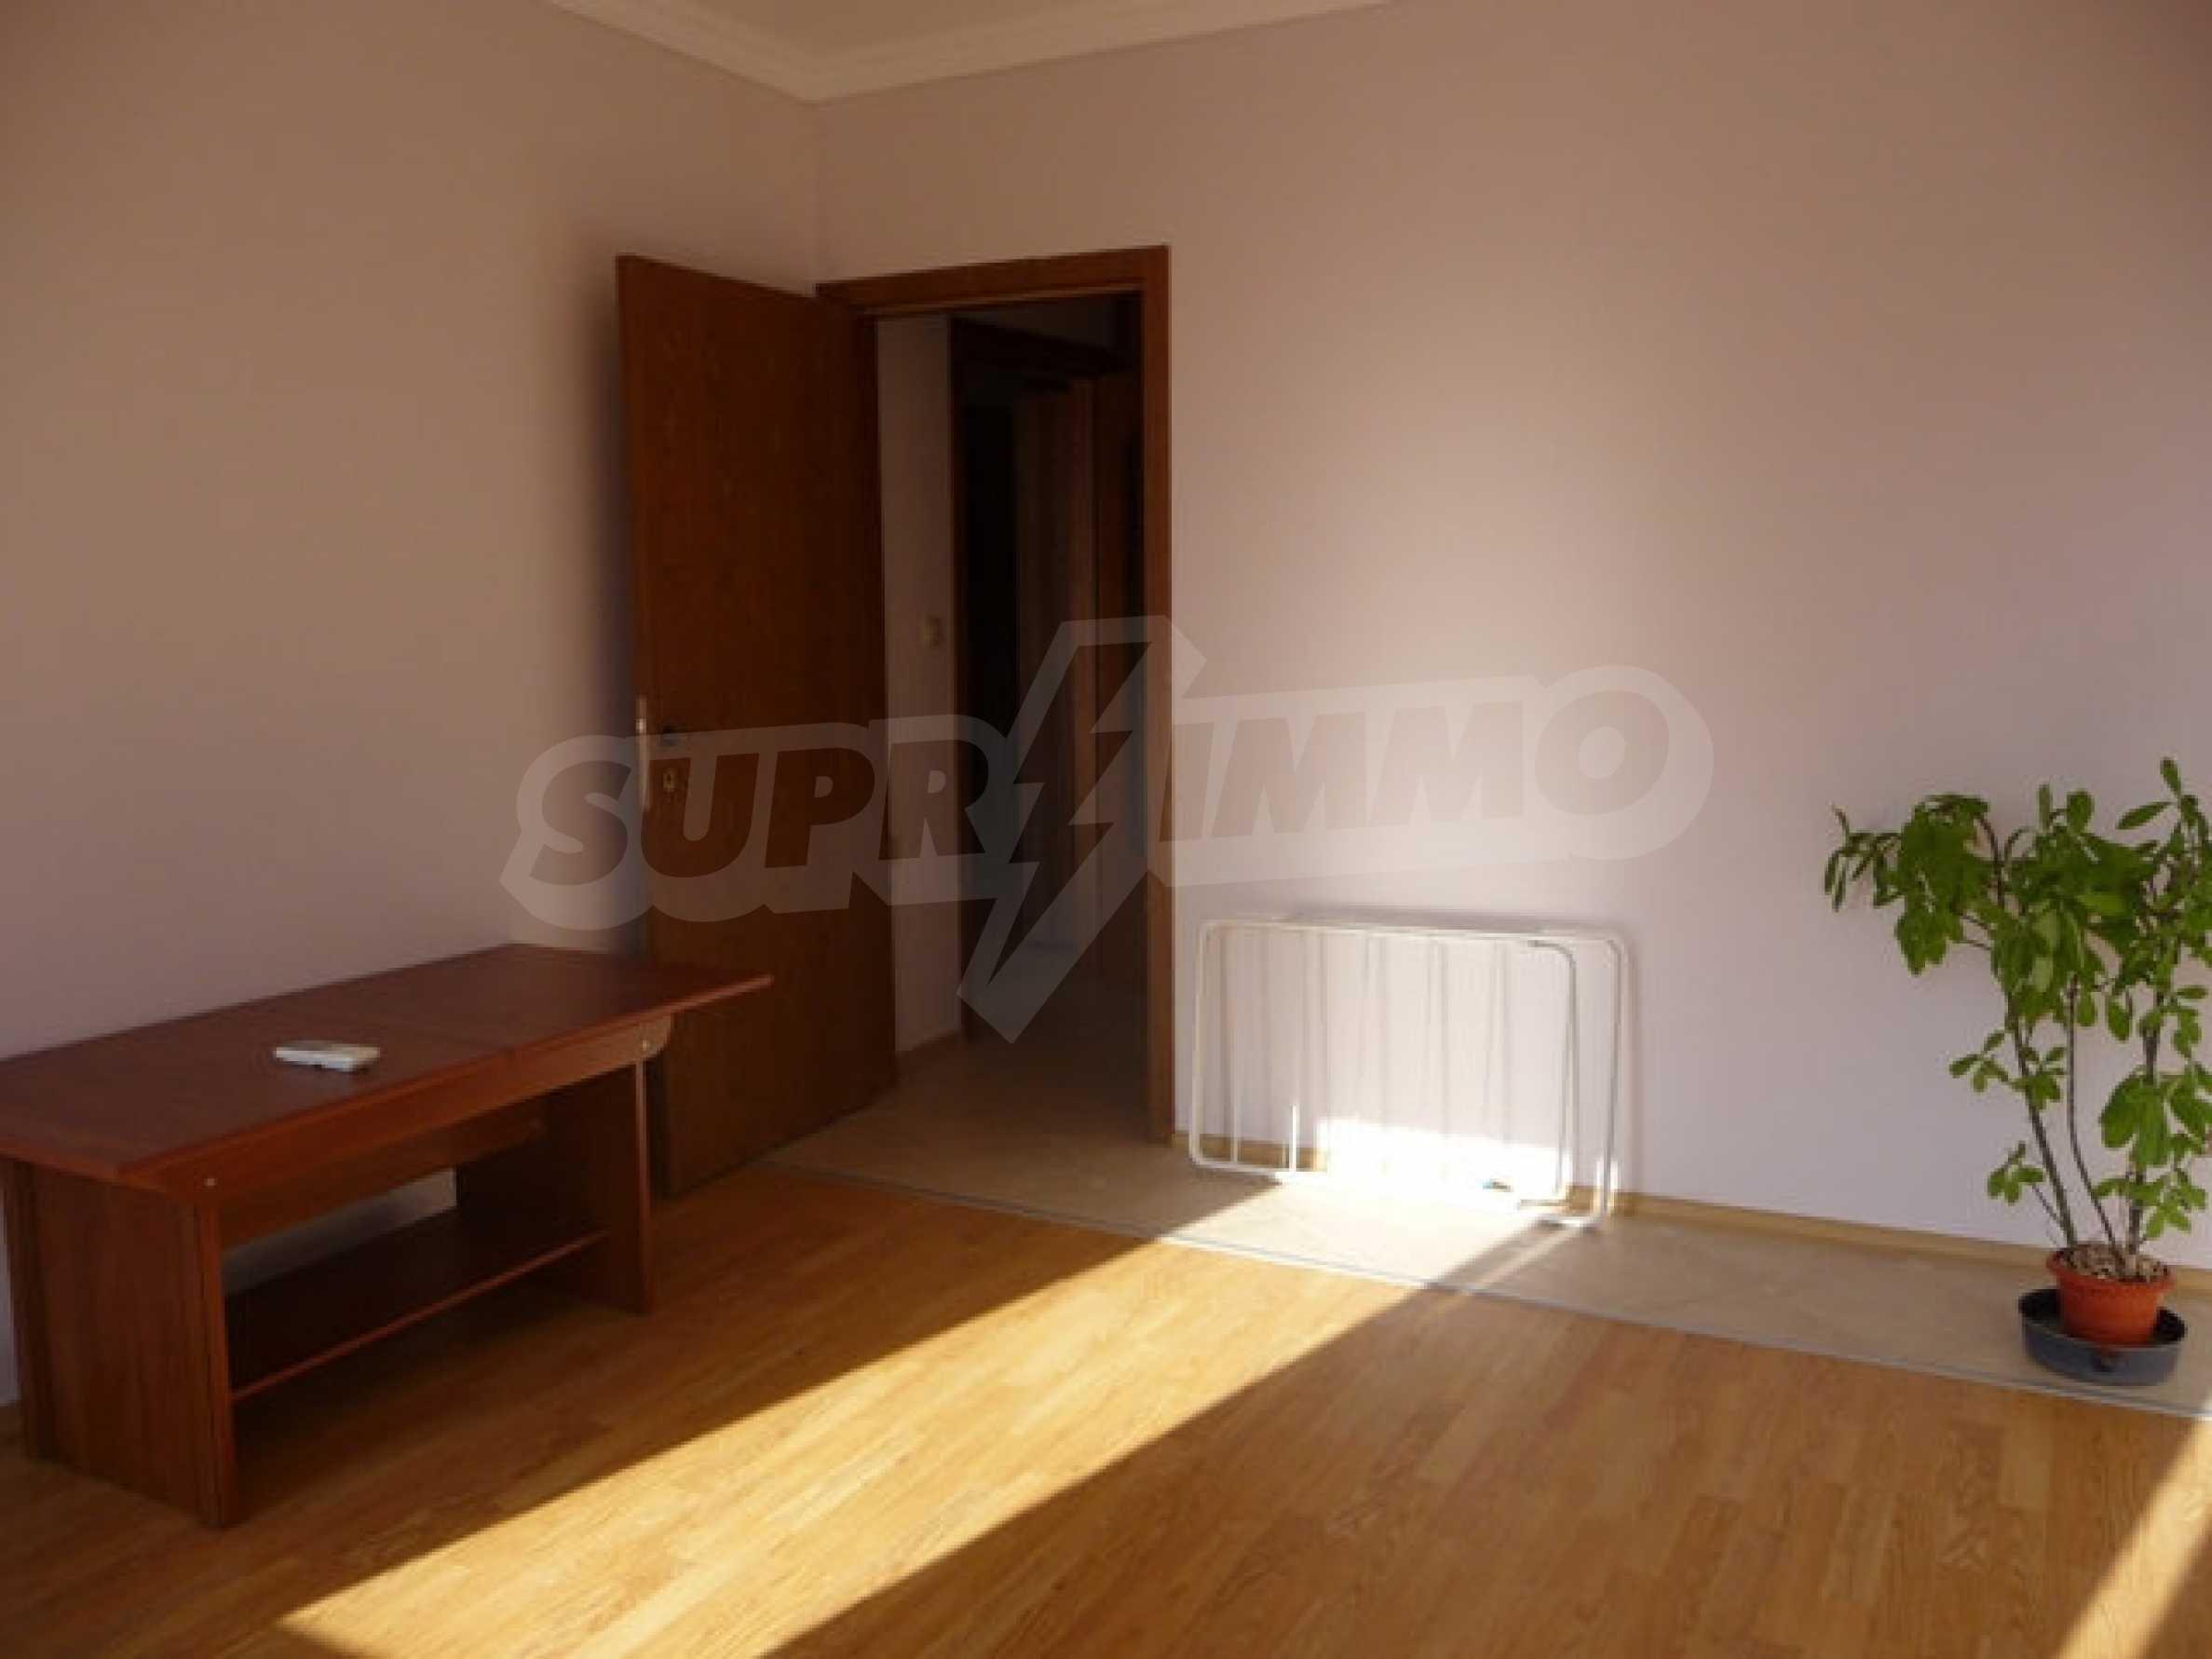 Zwei-Zimmer-Wohnung in Varna 12